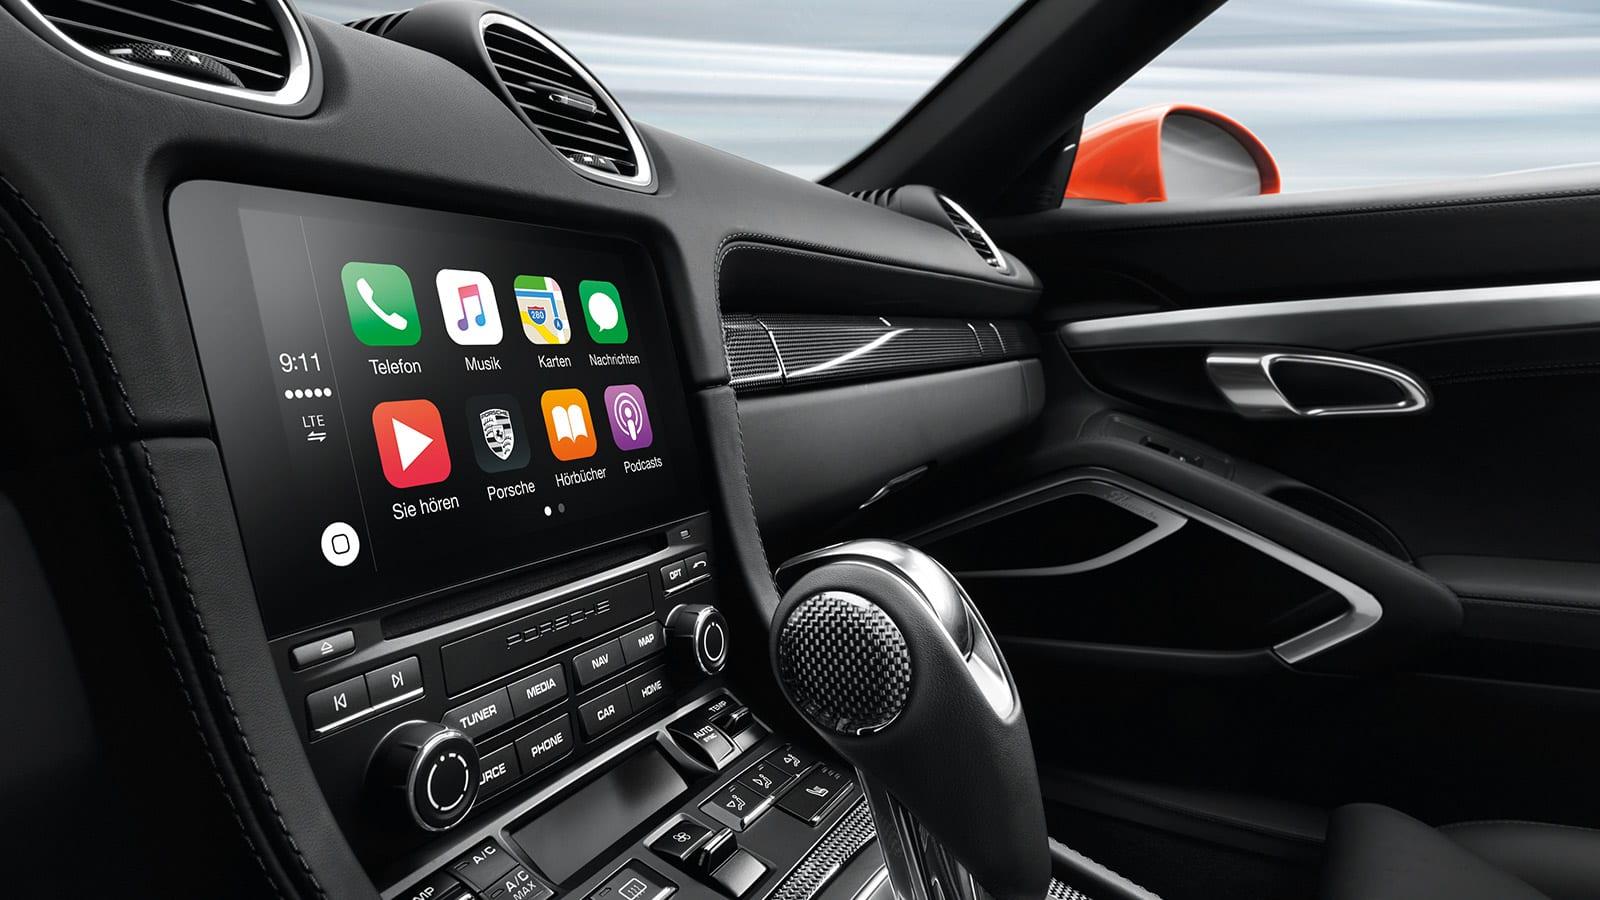 Porsche Navigation Interior